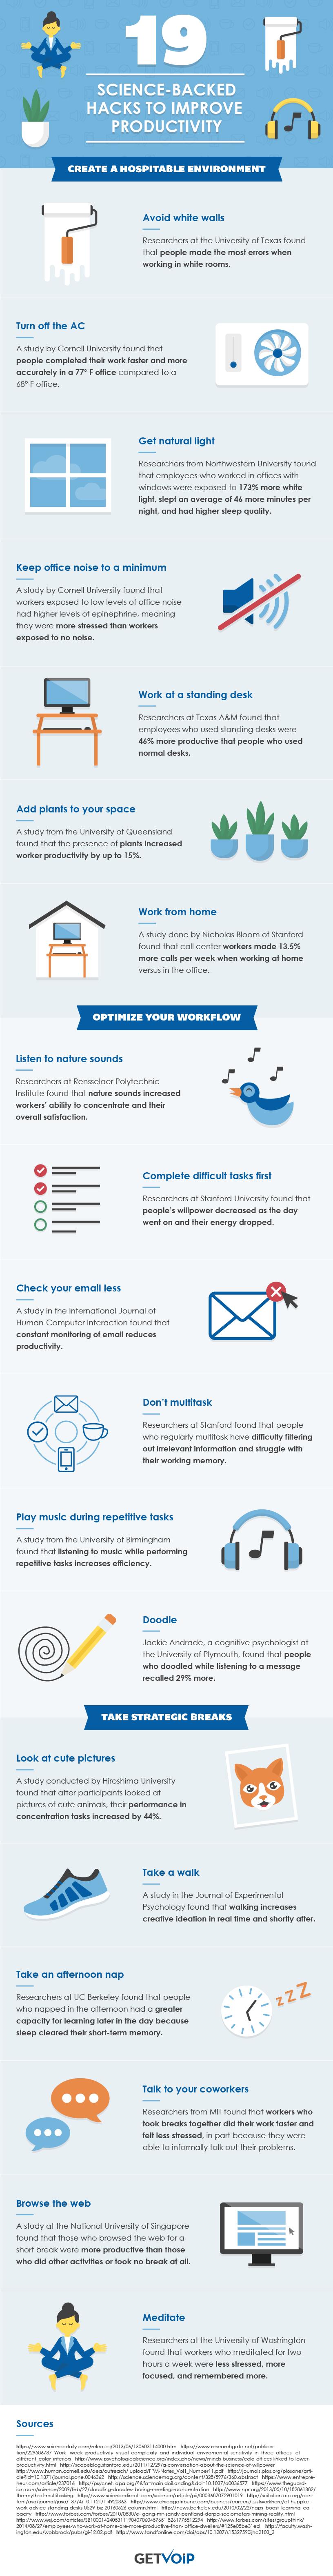 Produttività lavorativa: 19 suggerimenti per ottenere il meglio dai vostri collaboratori